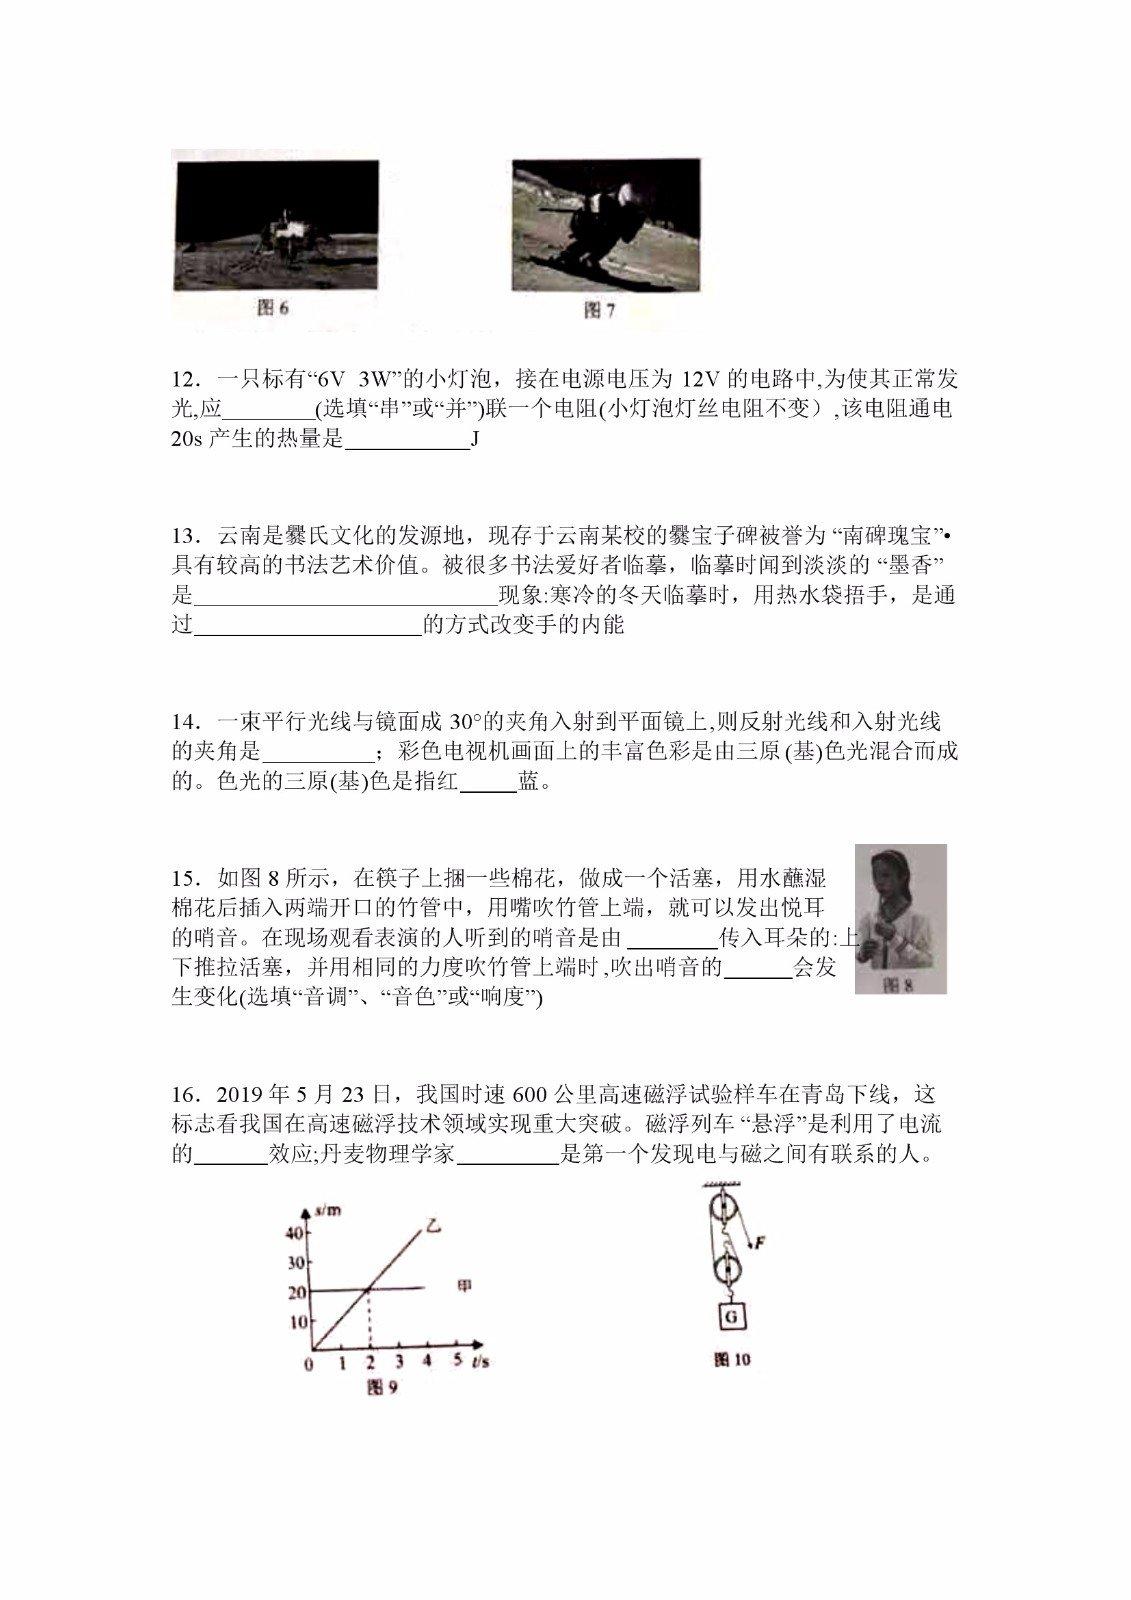 2019年云南中考《物理》真题及答案已公布